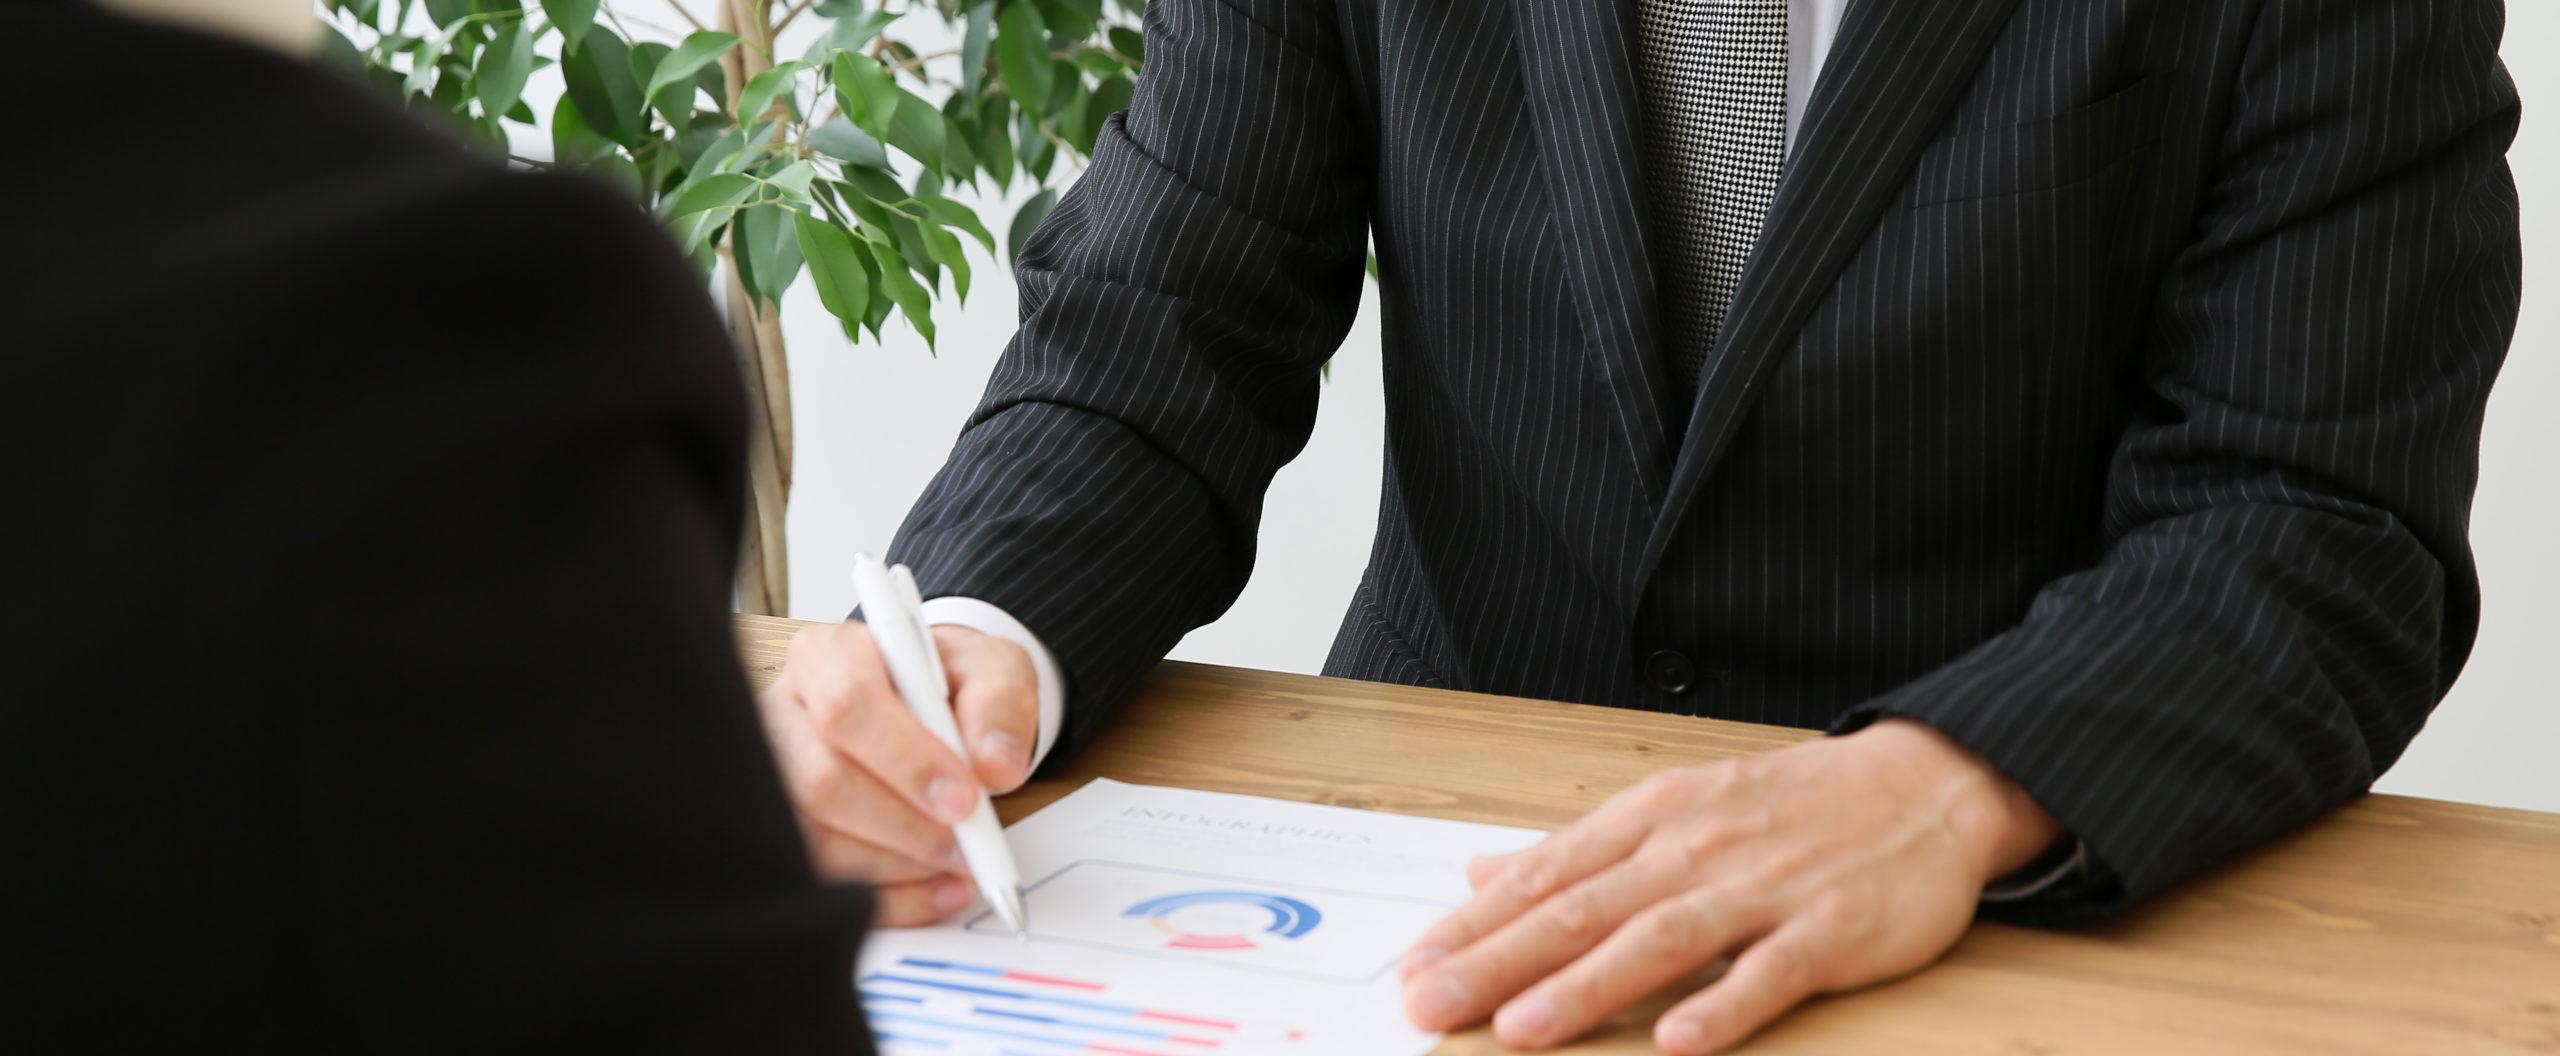 島根県を中心に企業の経営診断・経営指導・教育・講演・相談等 経営コンサルティングを行っています